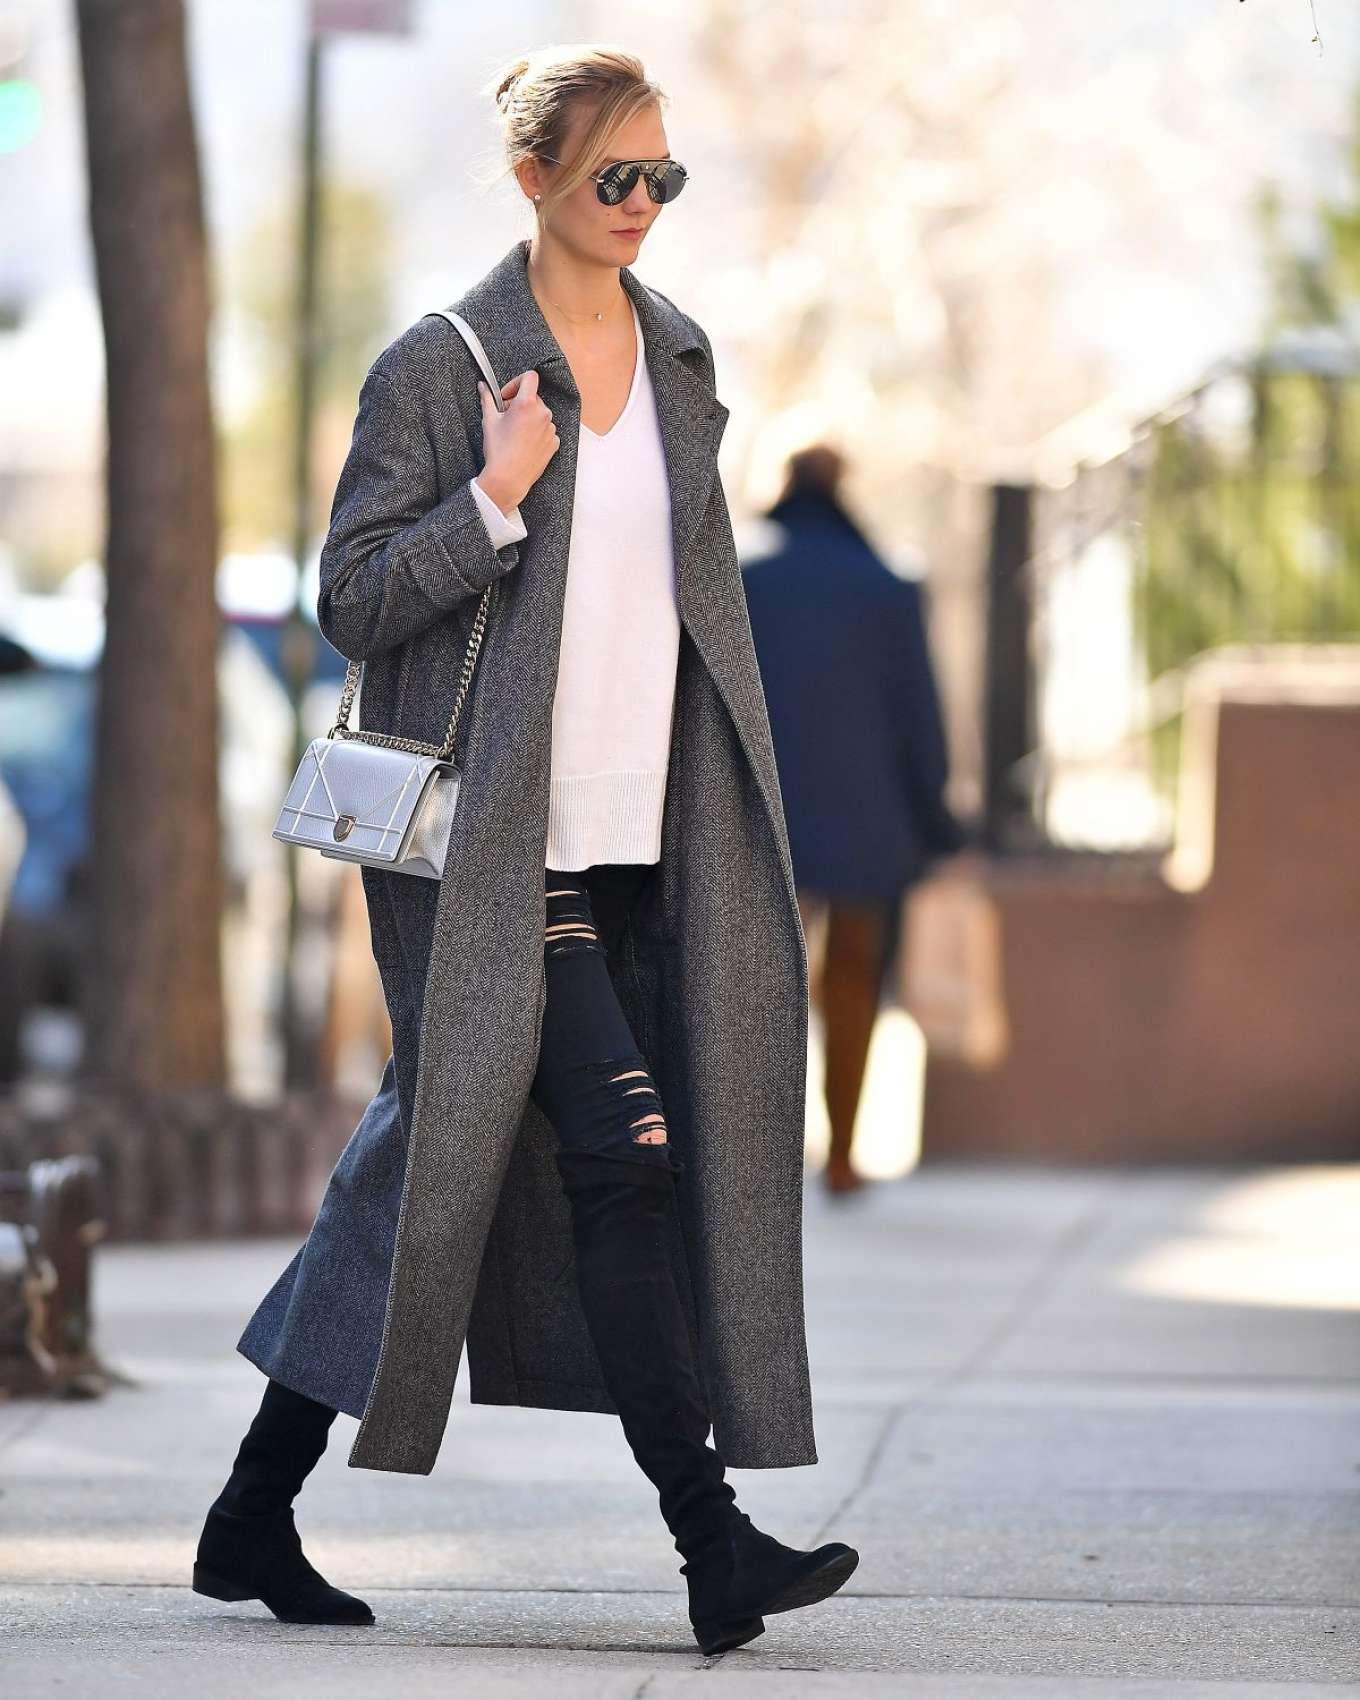 Karlie Kloss 2017 : Karlie Kloss in Grey Long Coat -10